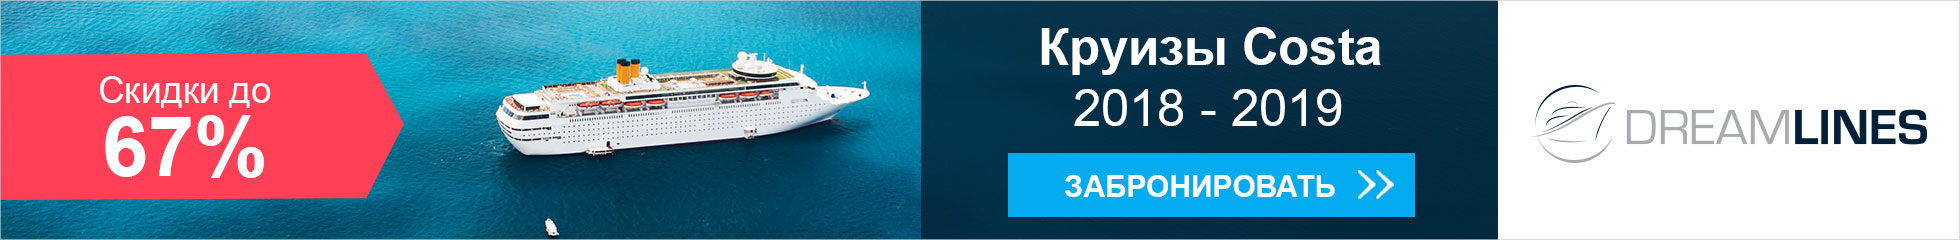 Обзор судна Costa Pacific